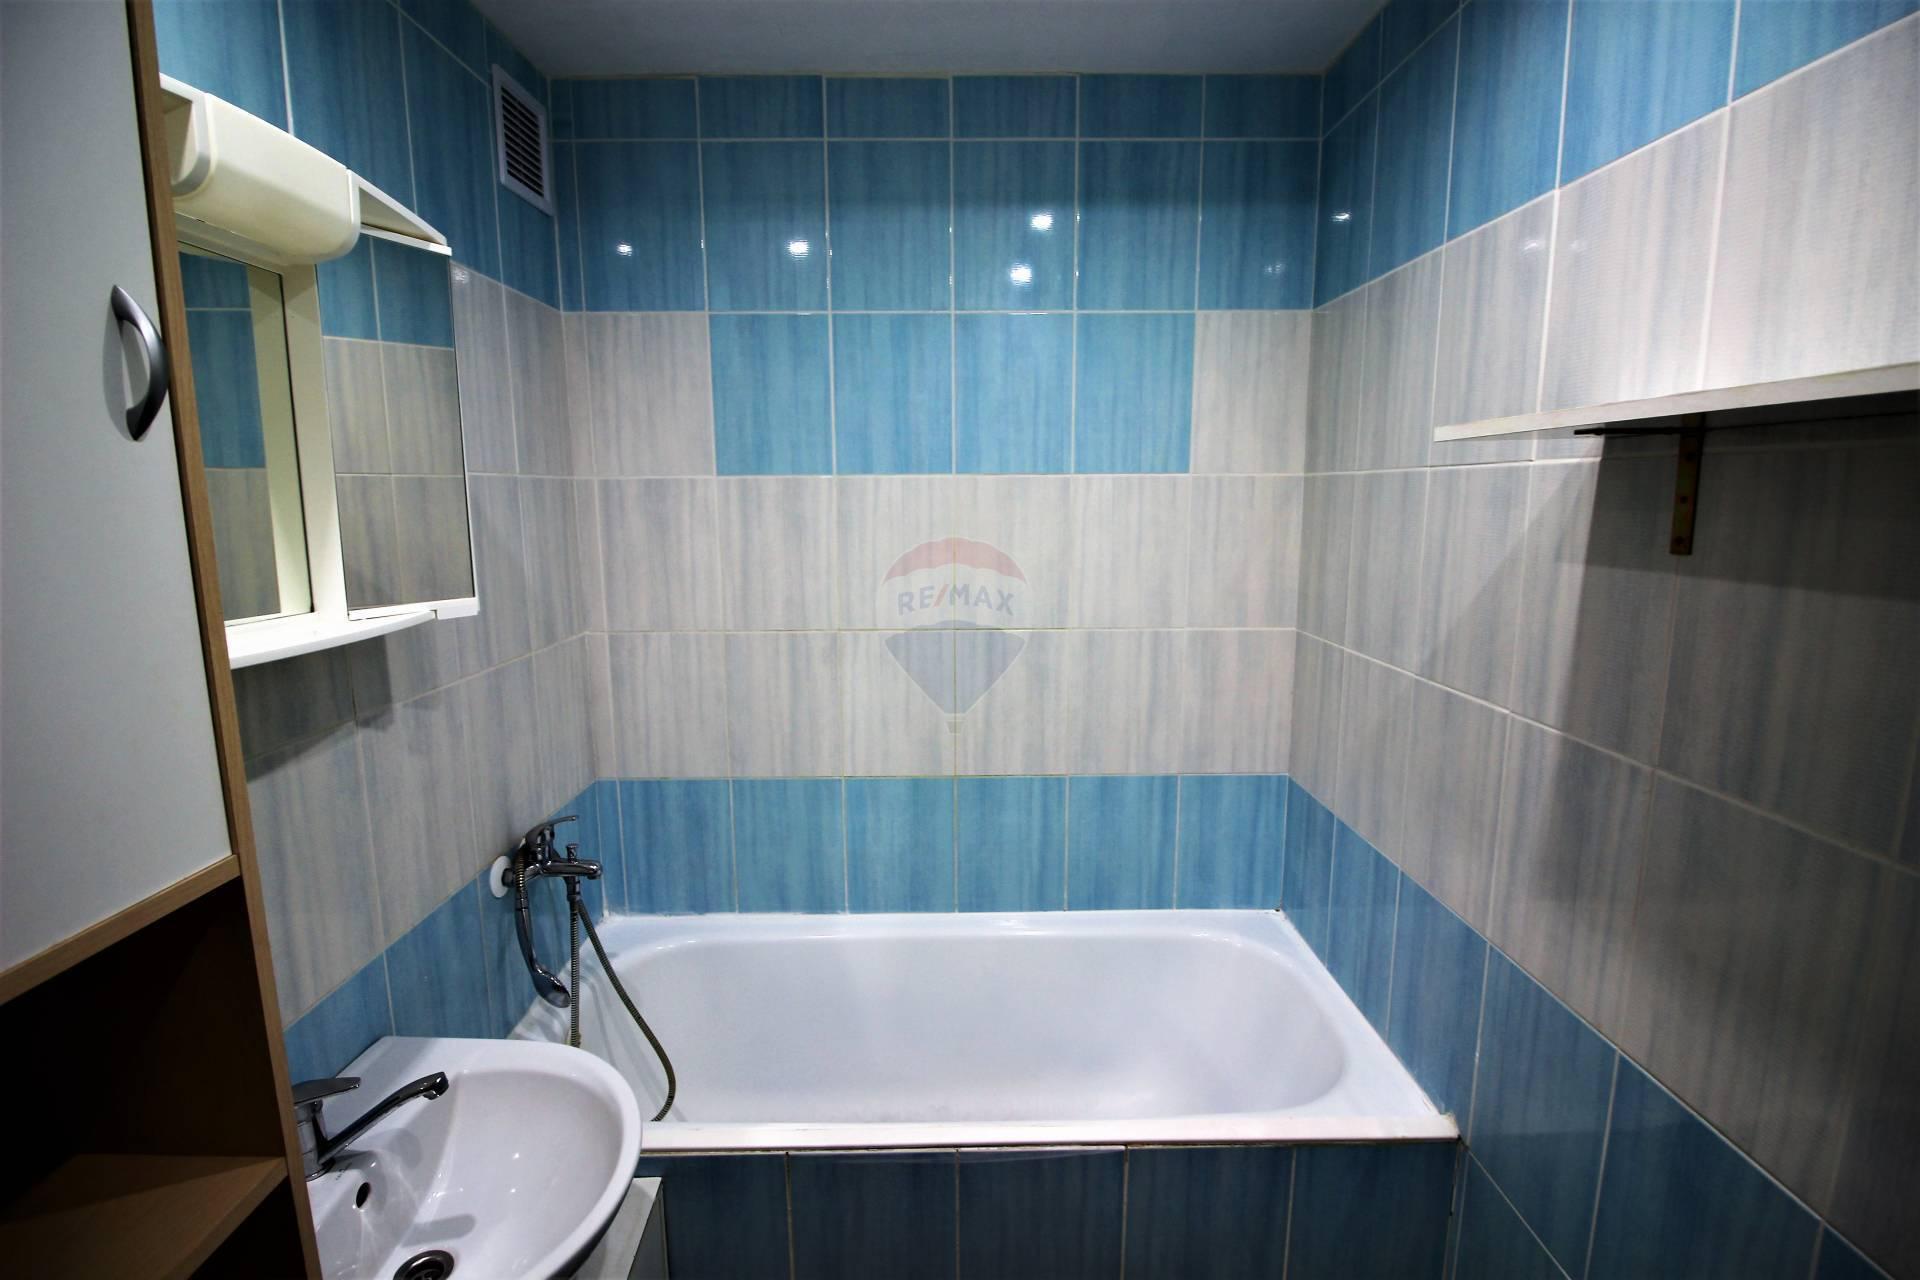 RE/MAX ponúka na prenájom  nehnuteľnosť – 2 izbový byt s balkónom na Spartakovskej ulici v Trnave.